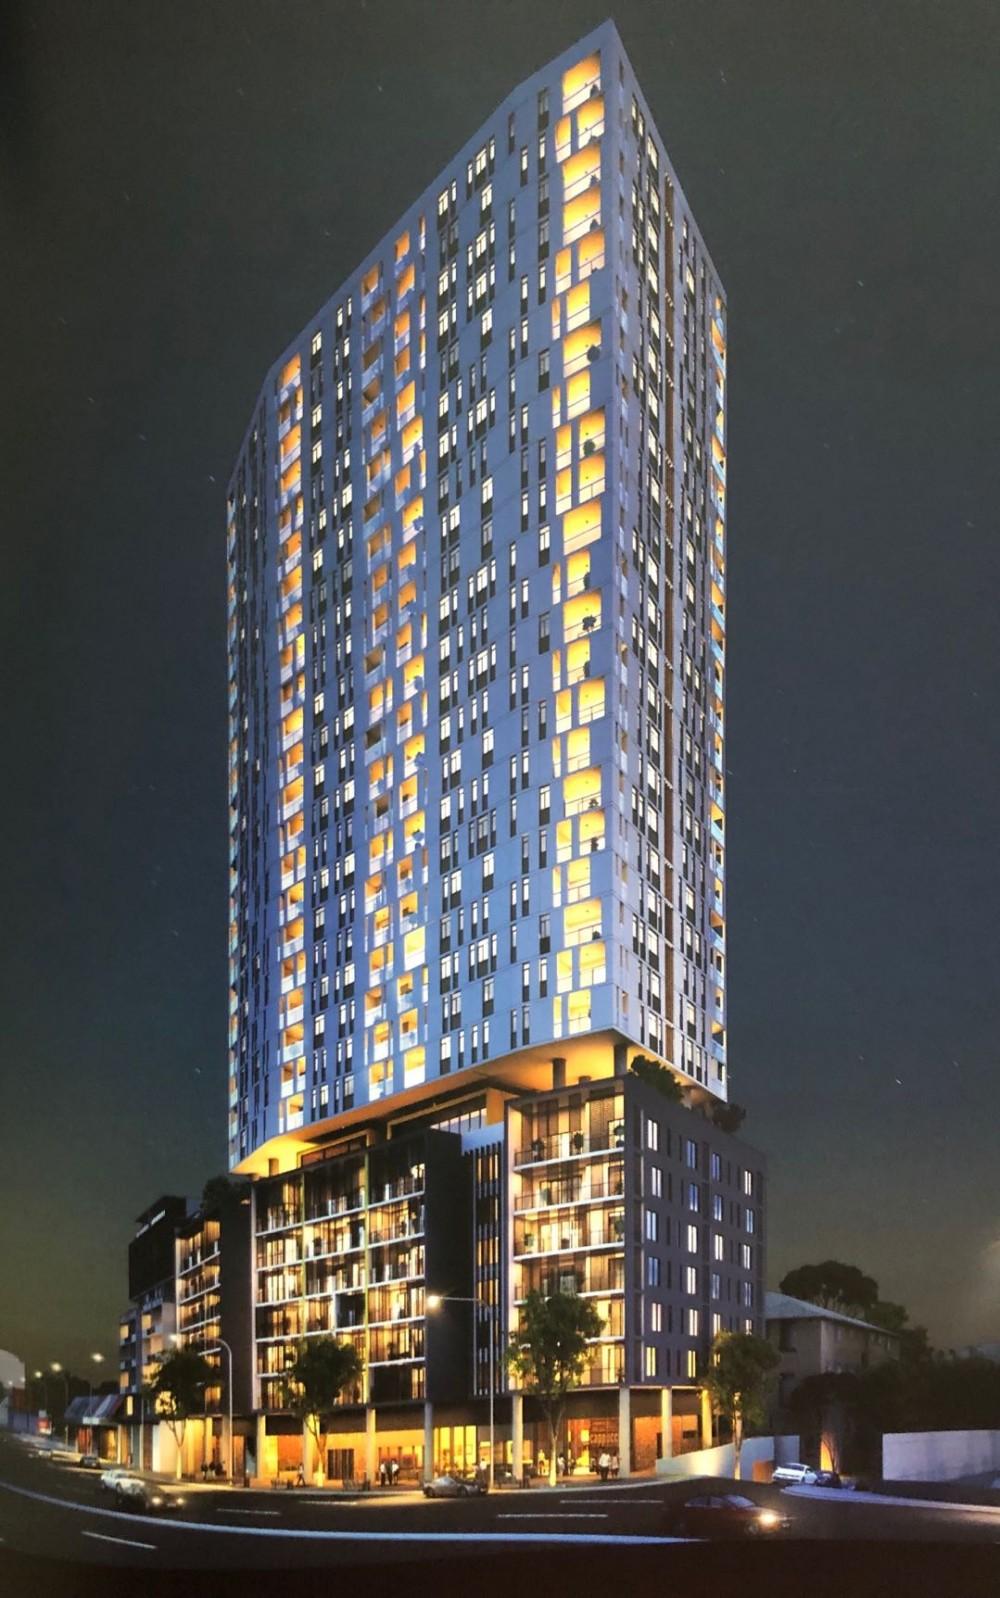 澳大利亚悉尼酒店期房出售5900万澳元(定金支付即可控盘24个月)[项目编号:AUS184]